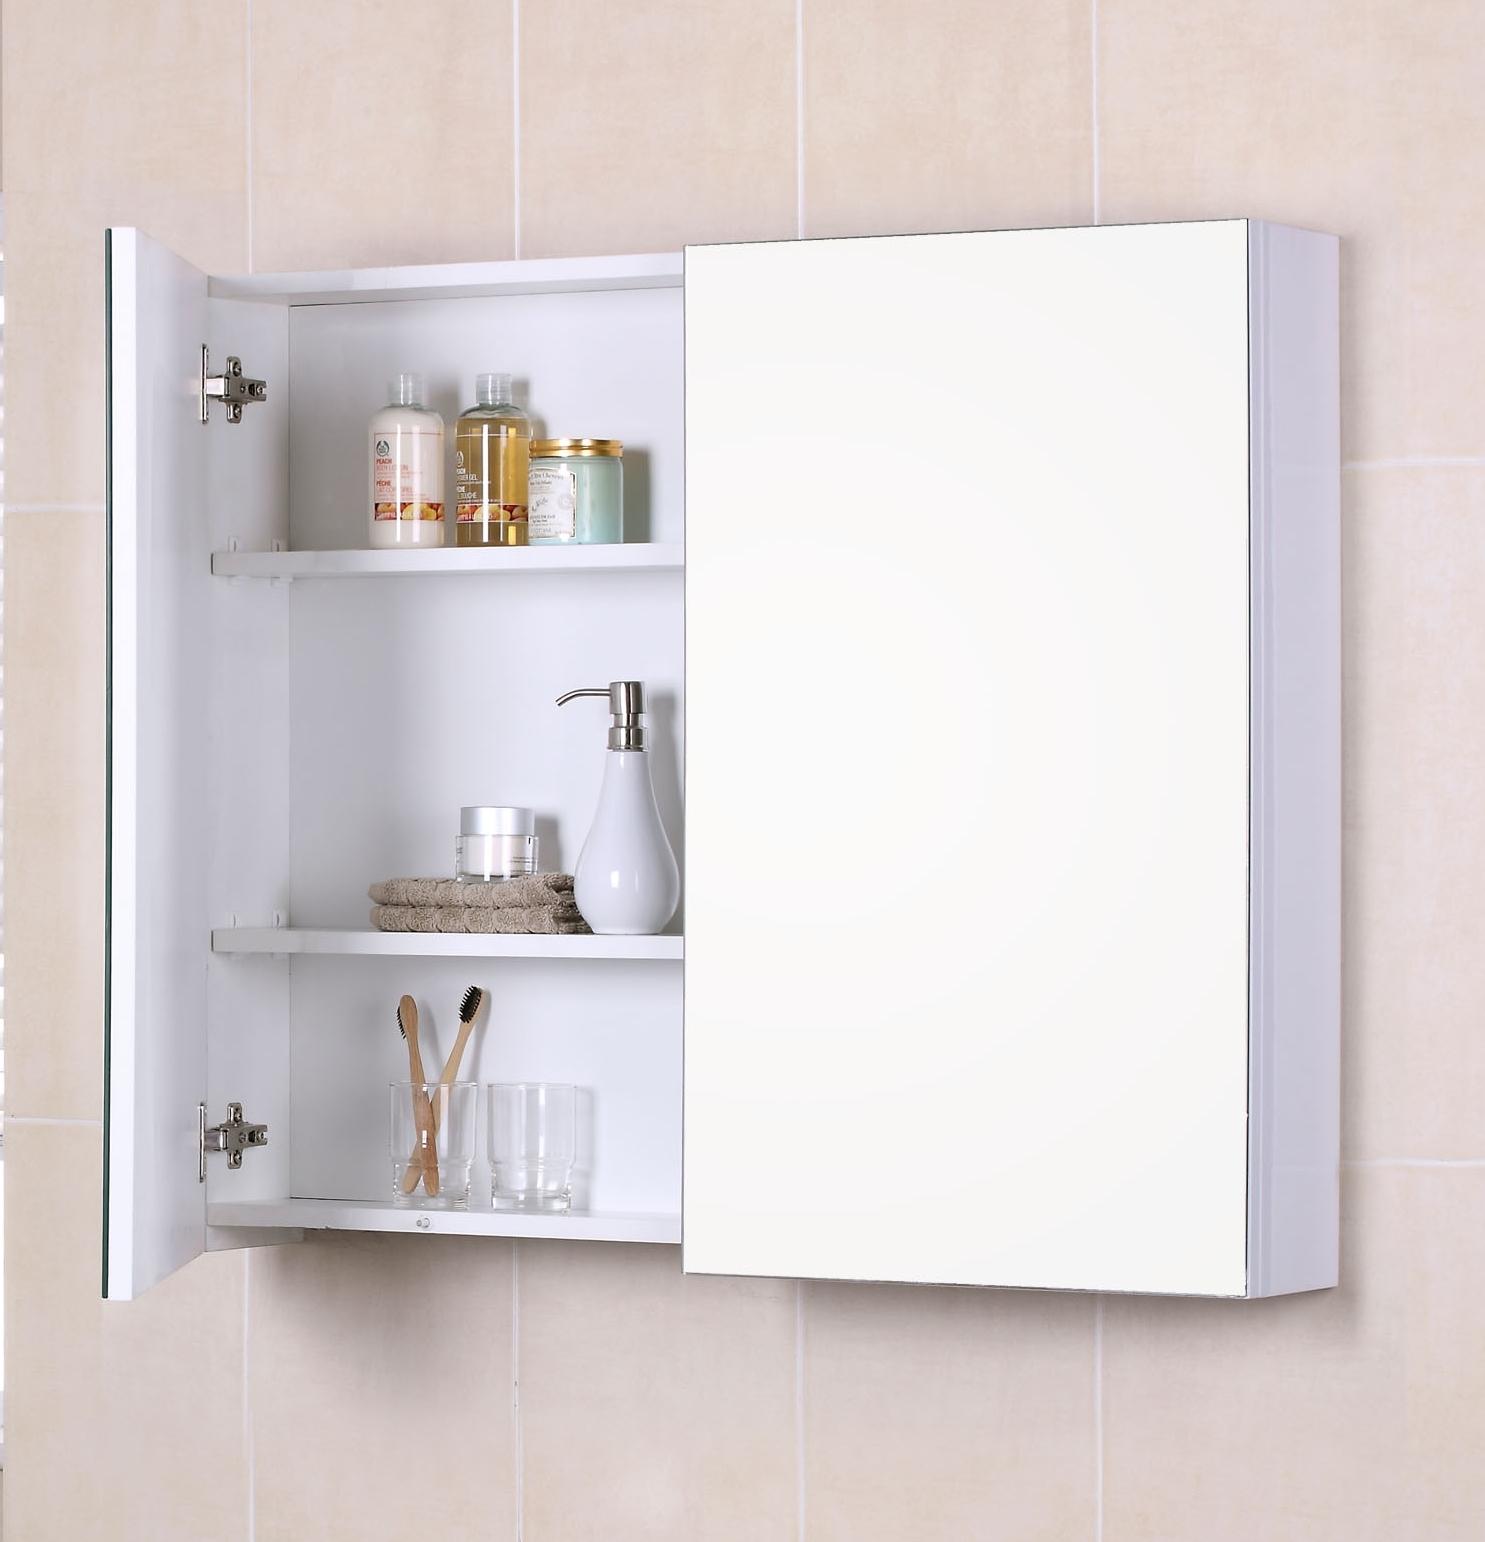 Bathroom Medicine Cabinets No Mirror